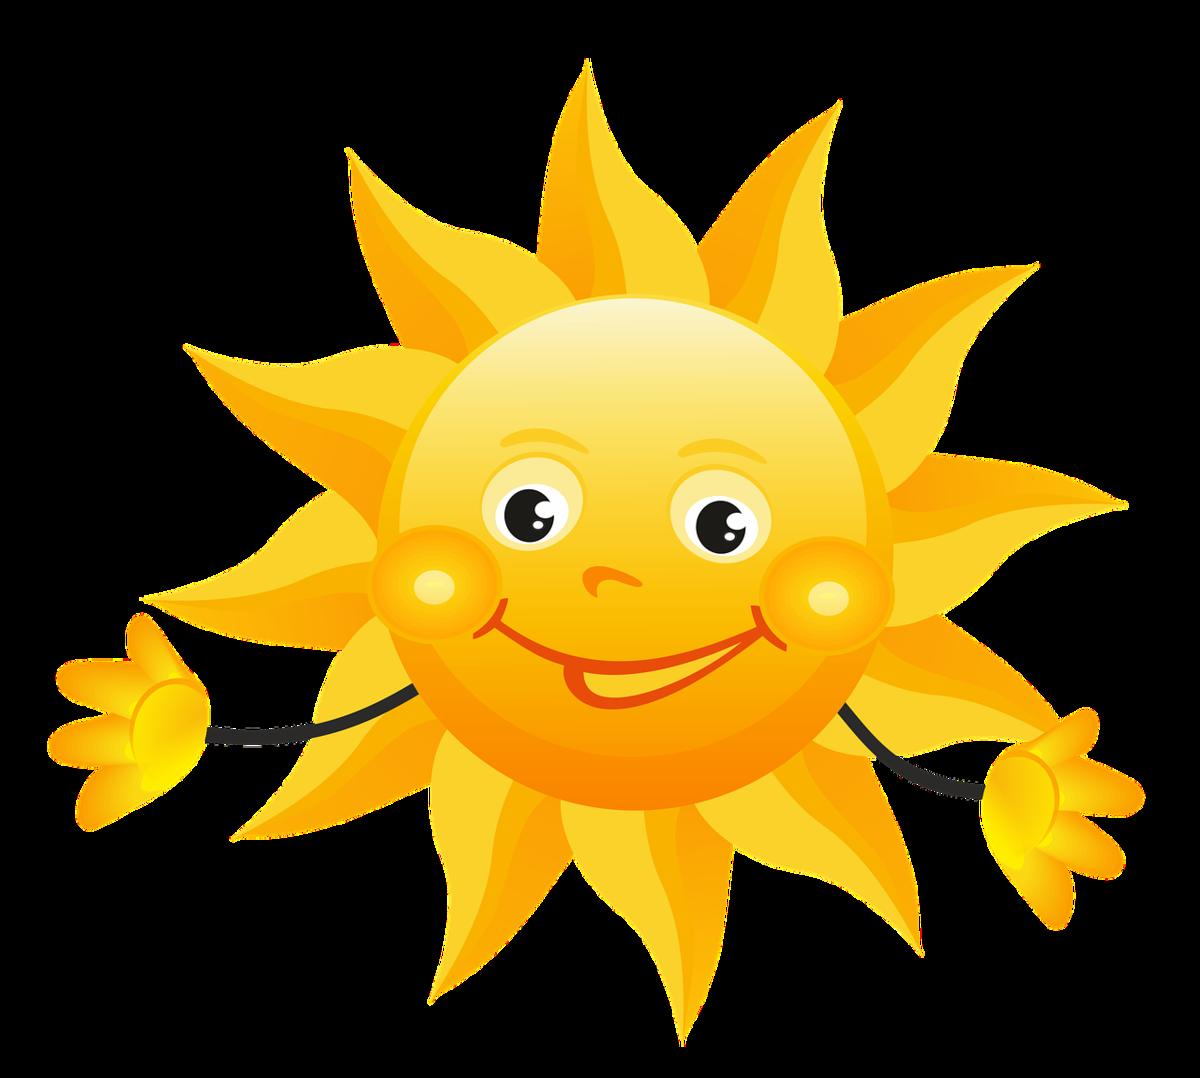 занималась картинки солнышко солнце для